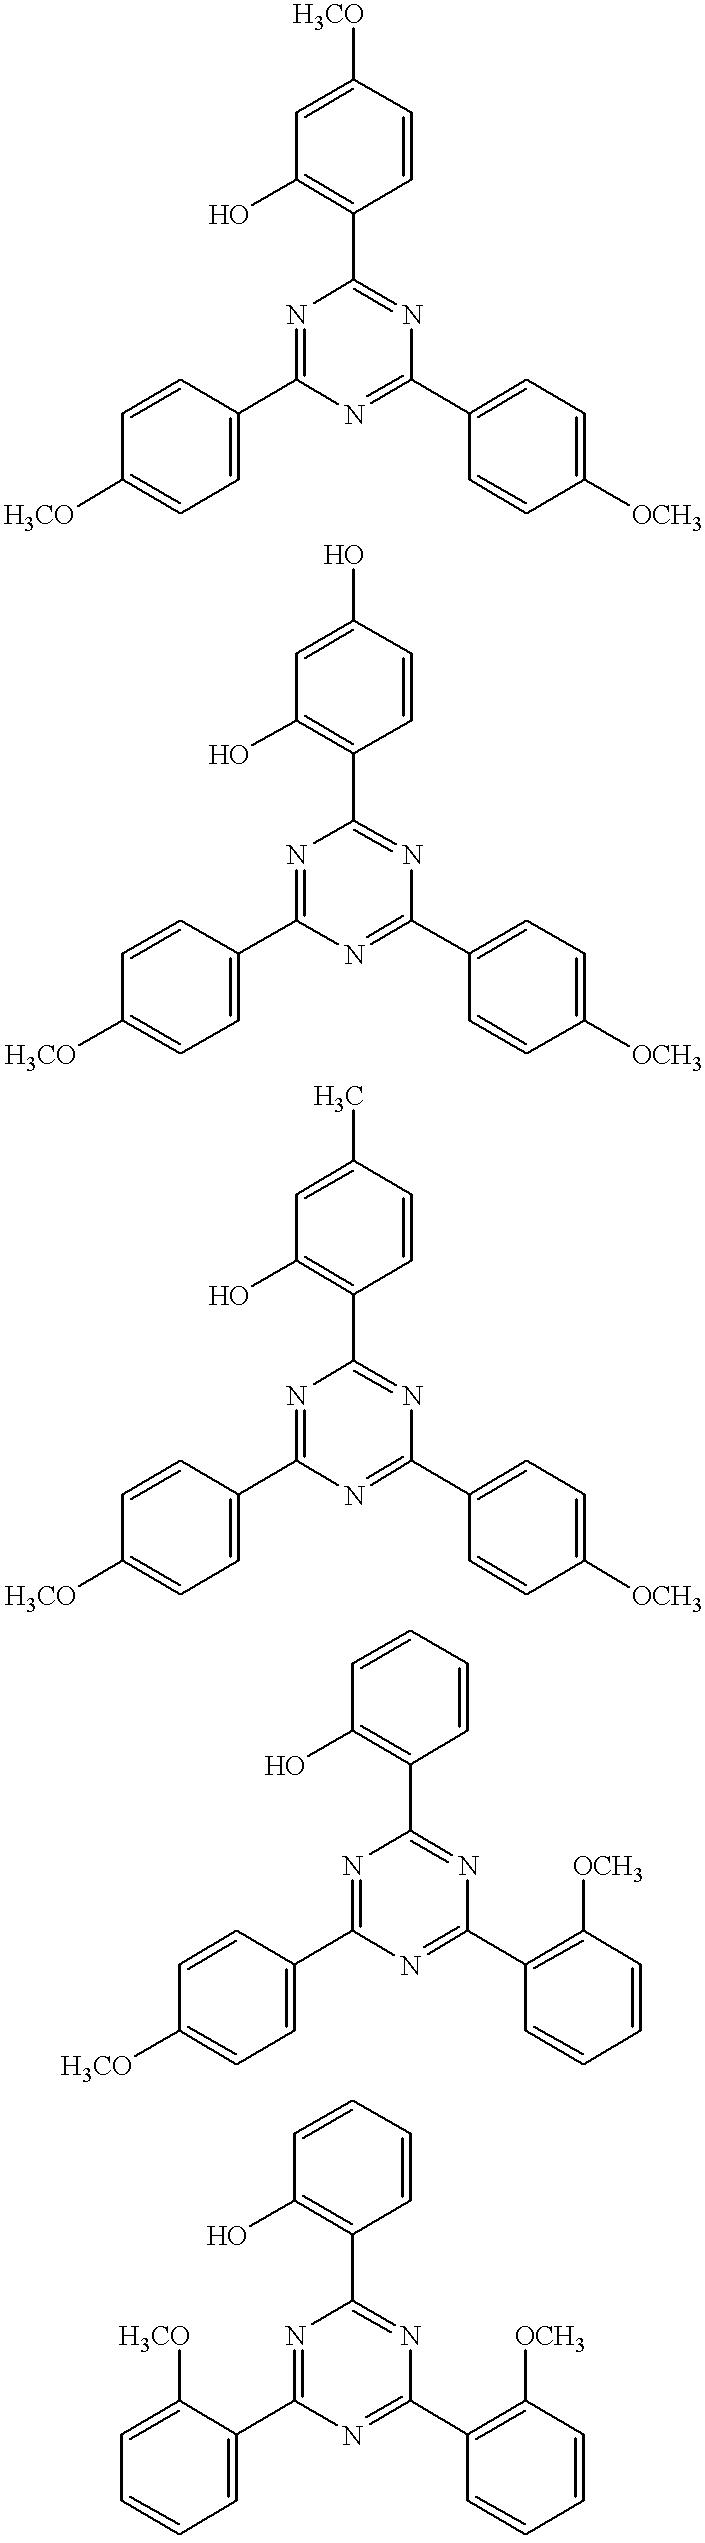 Figure US06531117-20030311-C00006